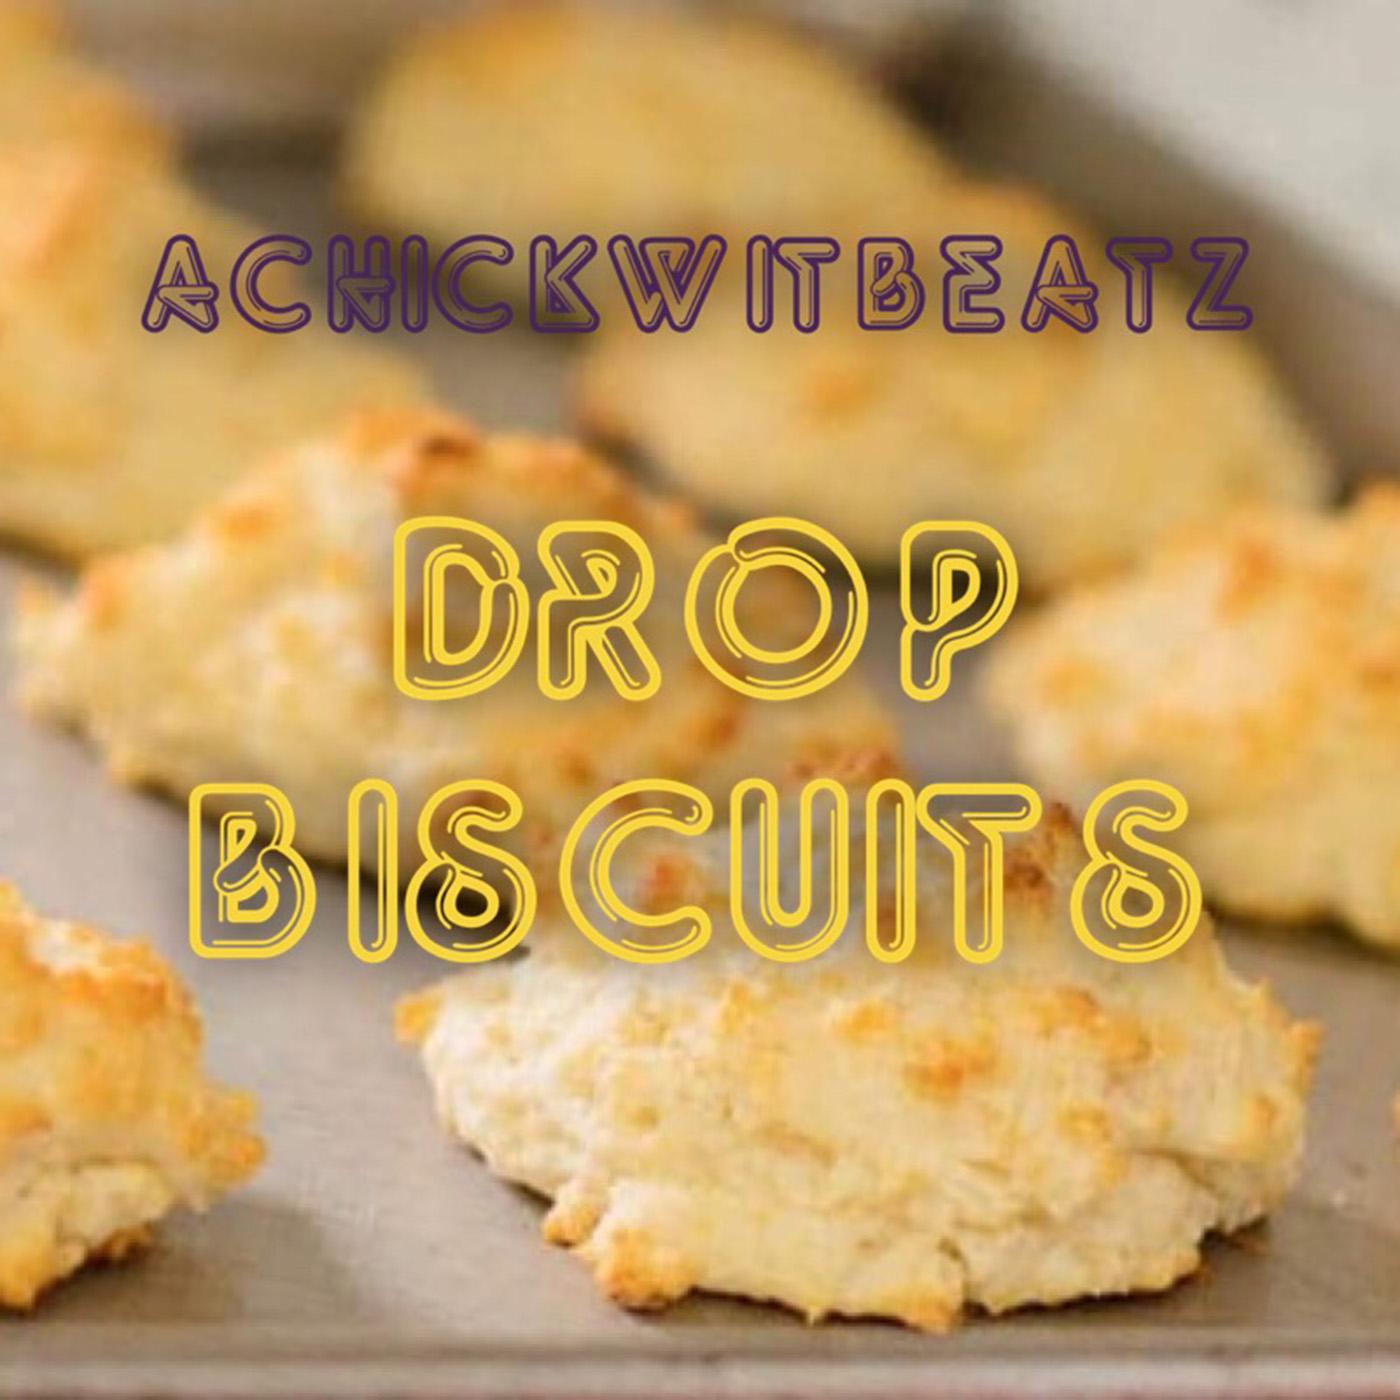 Achickwitbeatz Drop Biscuits Album Cover.jpg